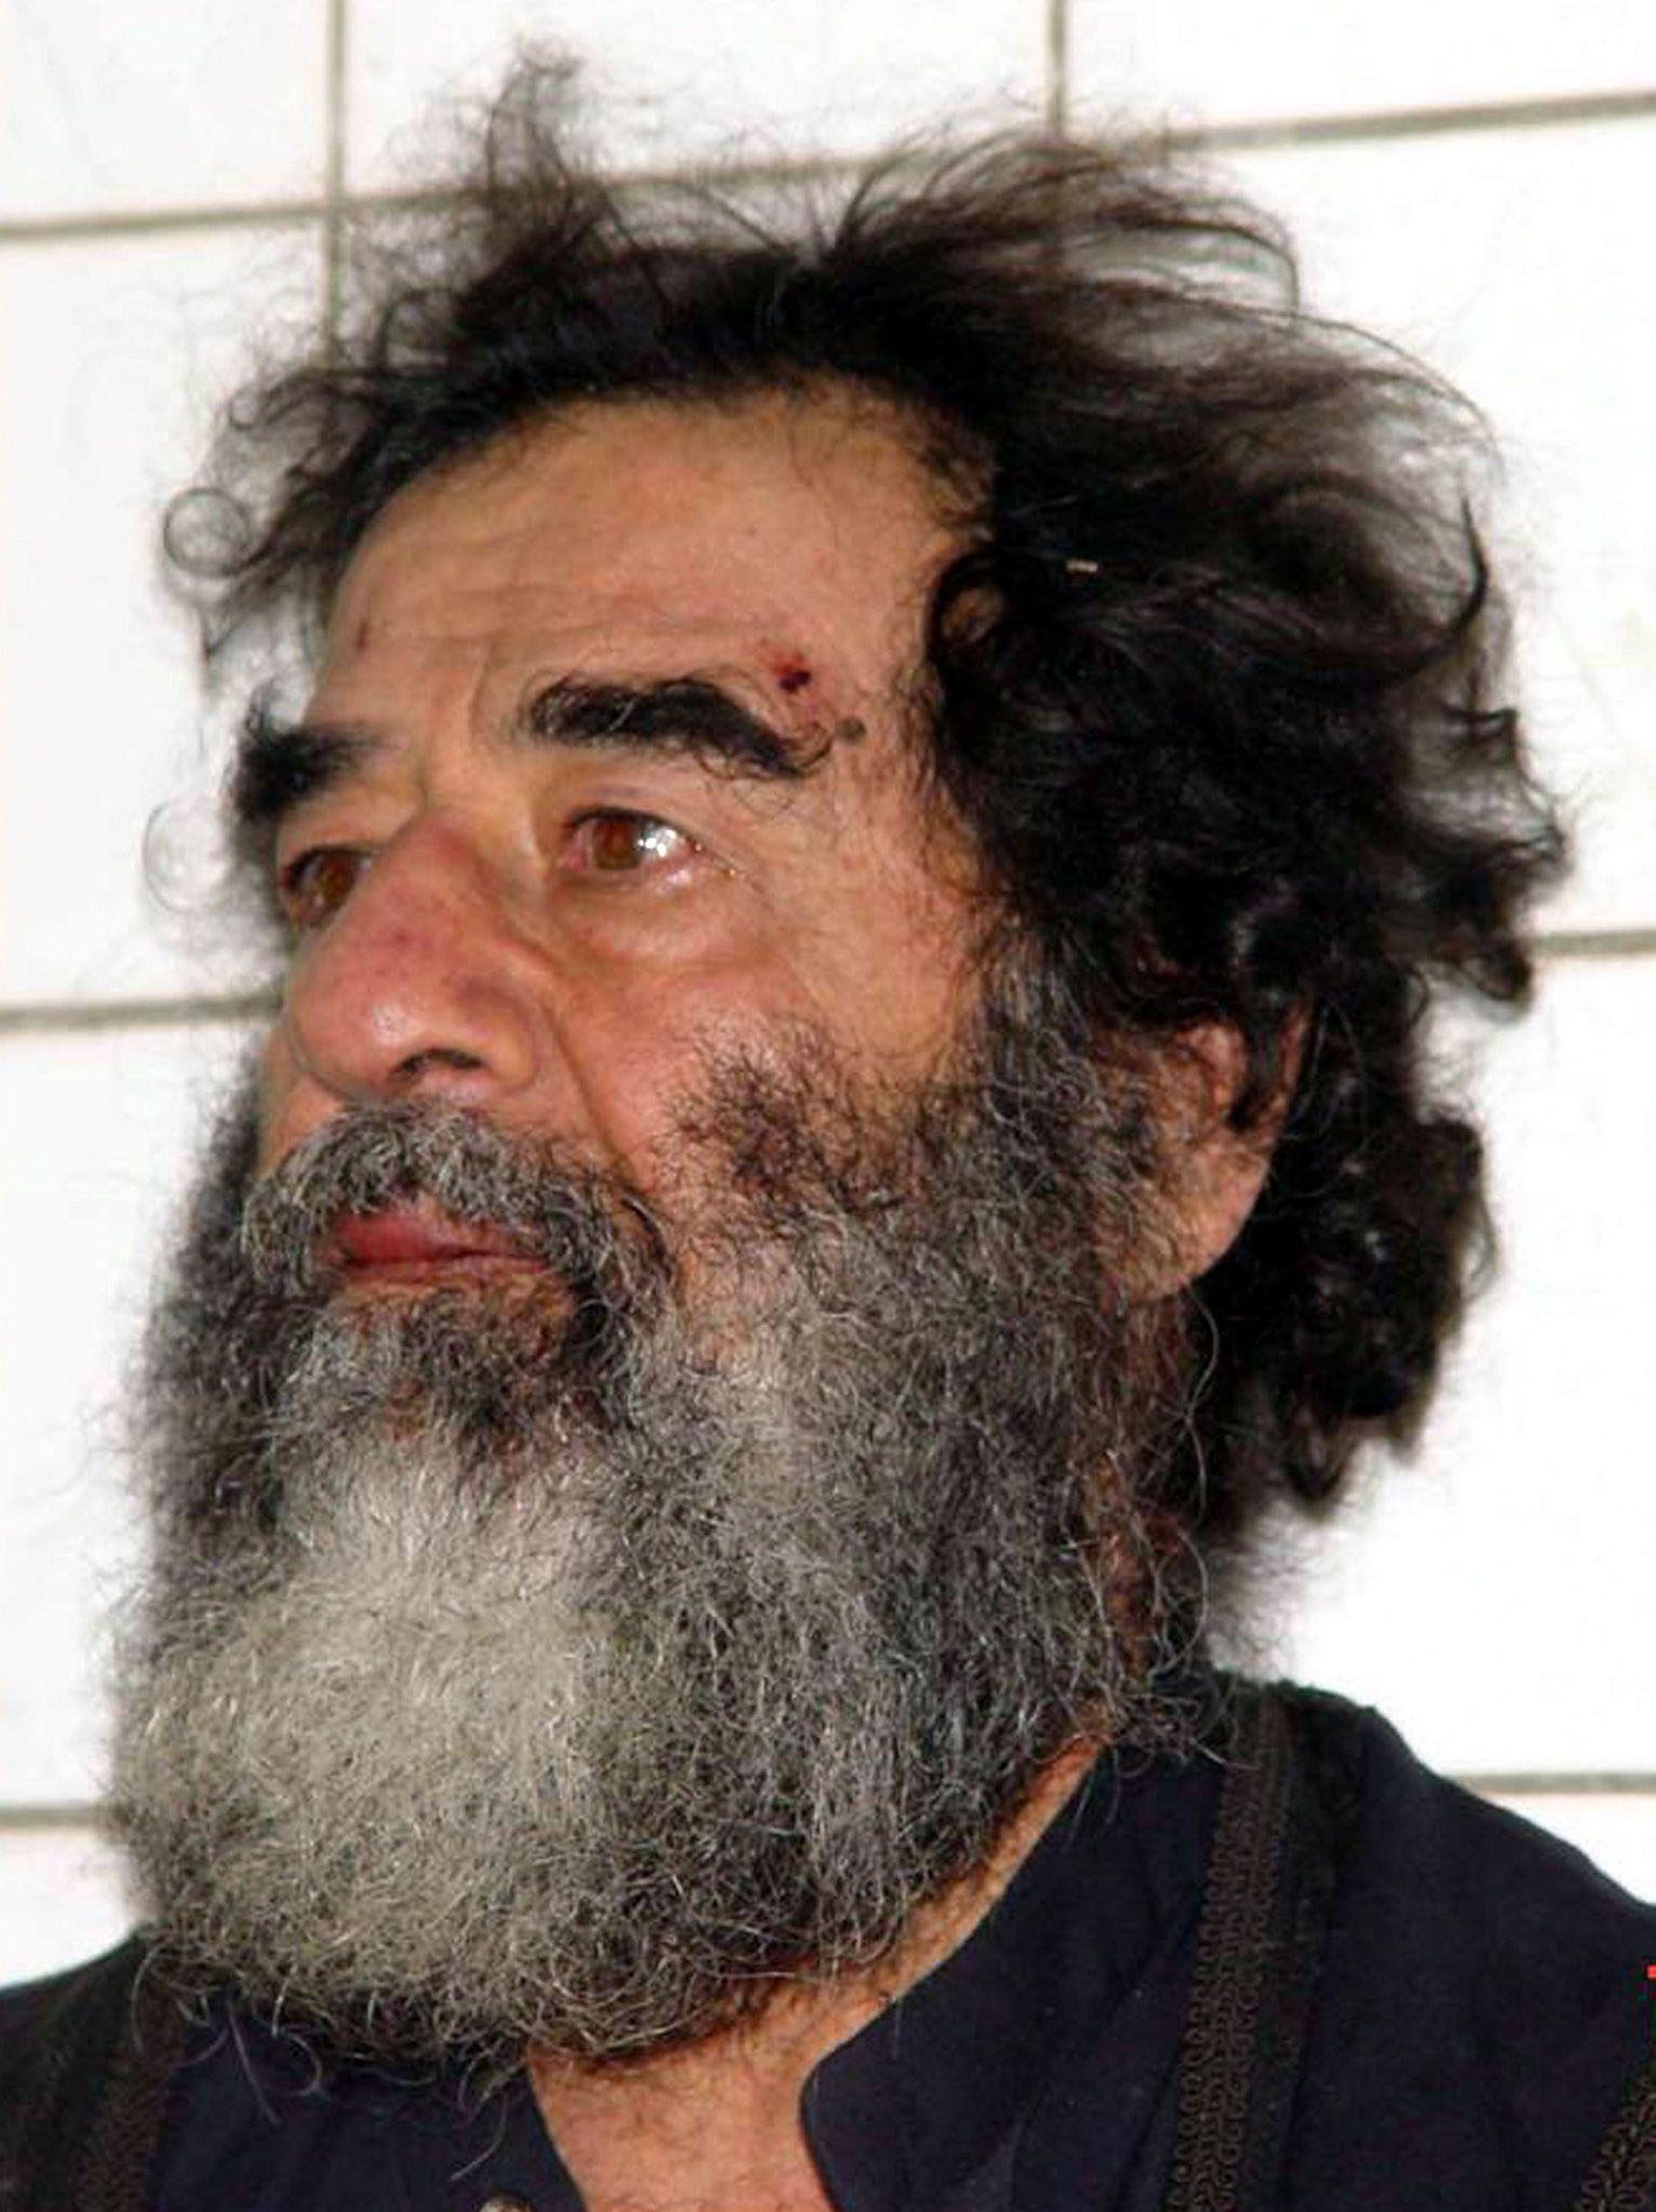 Deset godina od pogubljenja Sadama Huseina